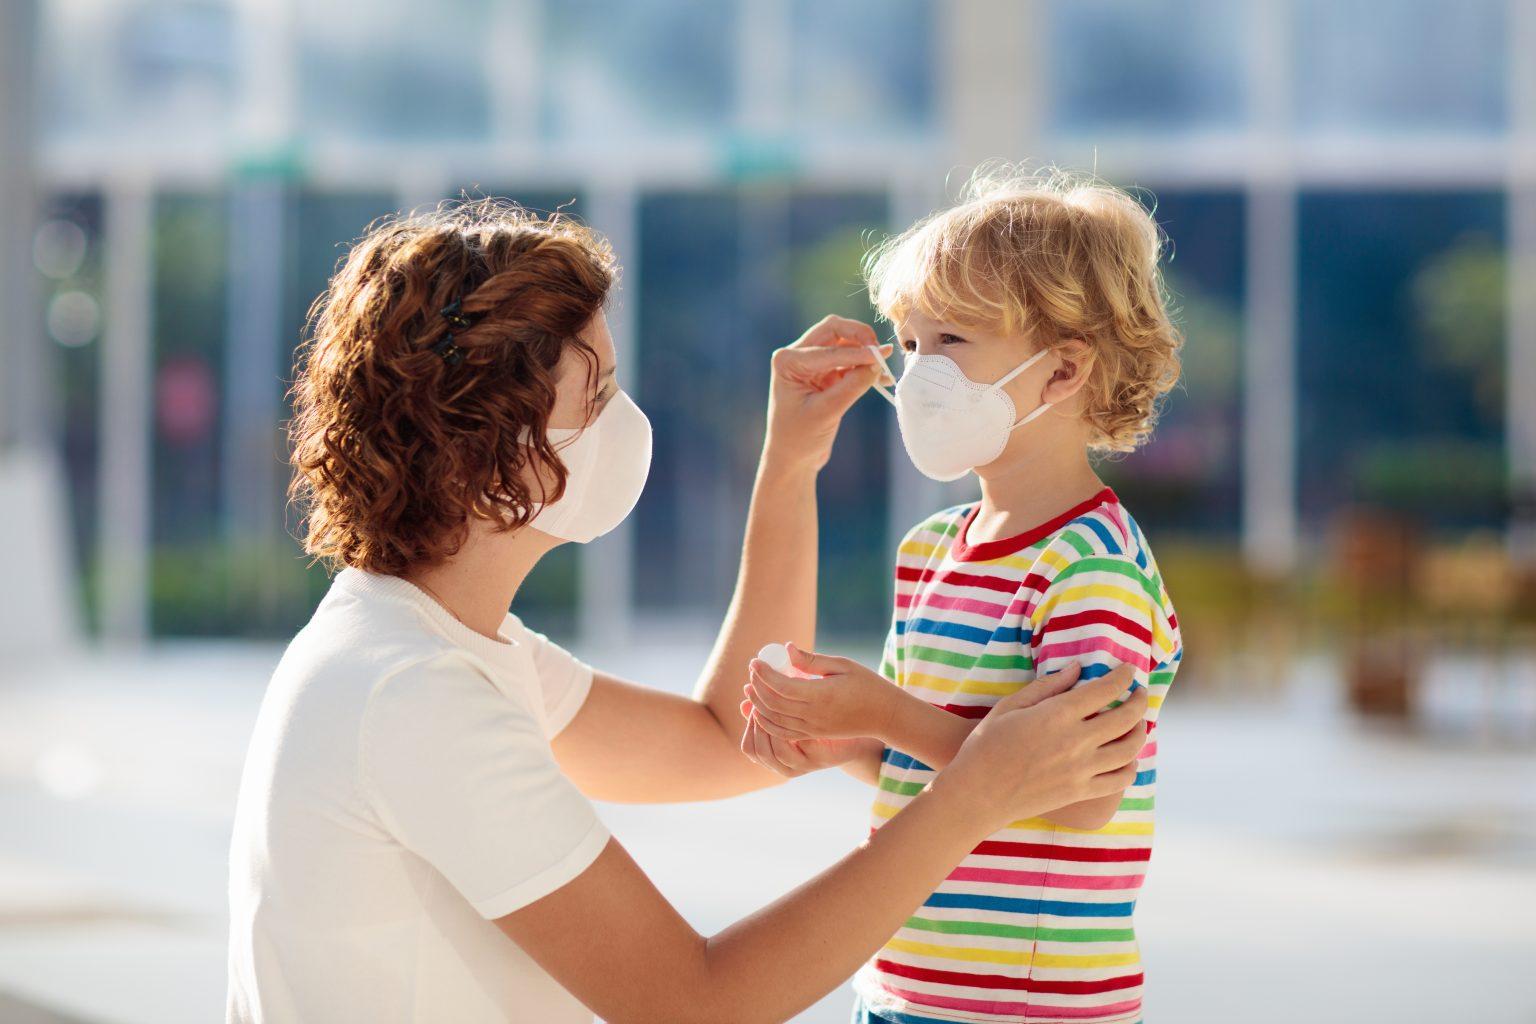 Aprenda a usar máscaras e luvas descartáveis corretamente